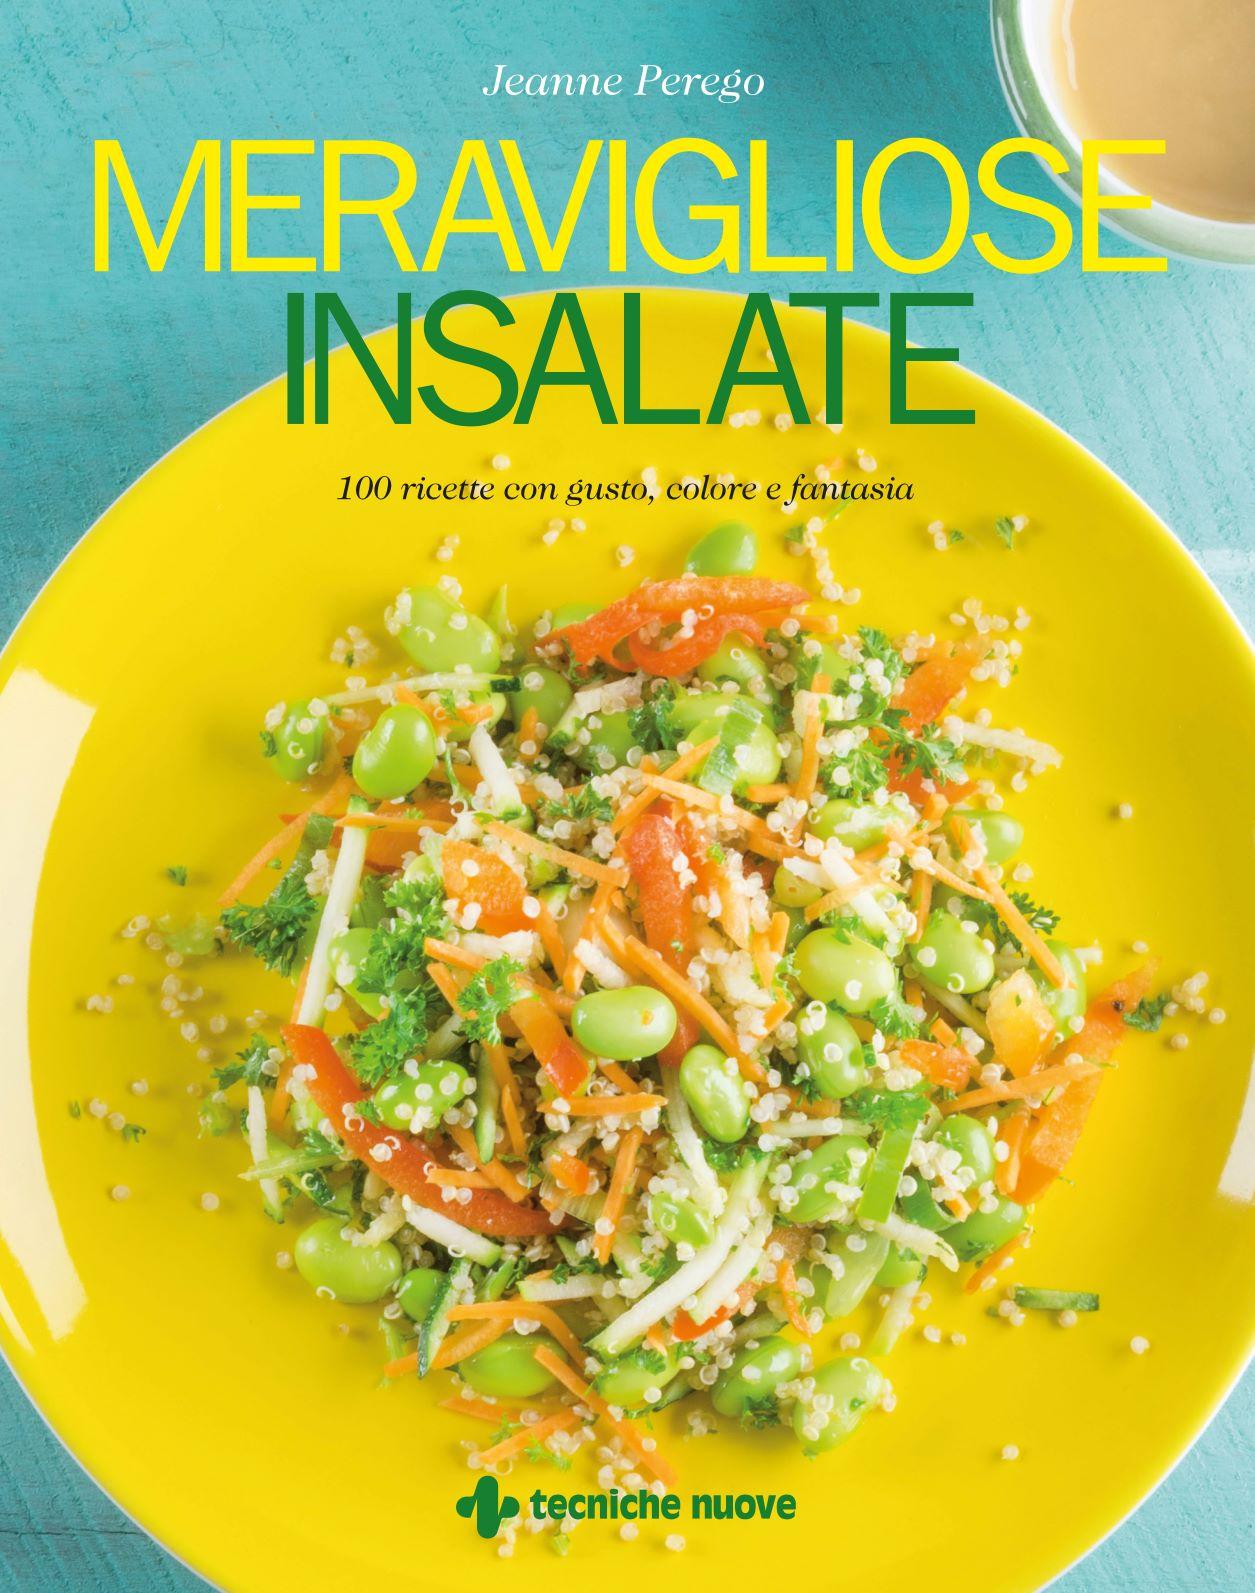 Copertina del libro meravigliose insalate di jeanne perego